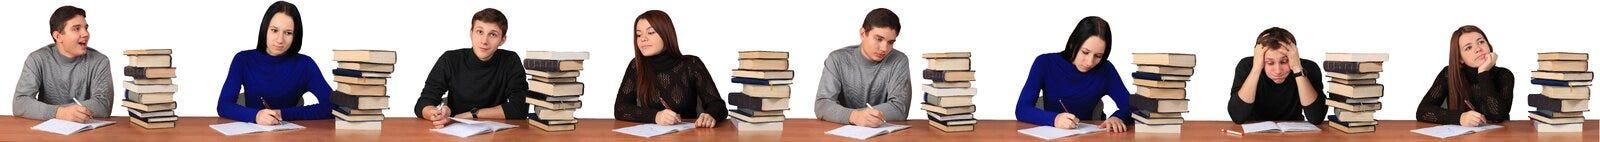 Studenten, die an Aufgabe arbeiten stockfoto